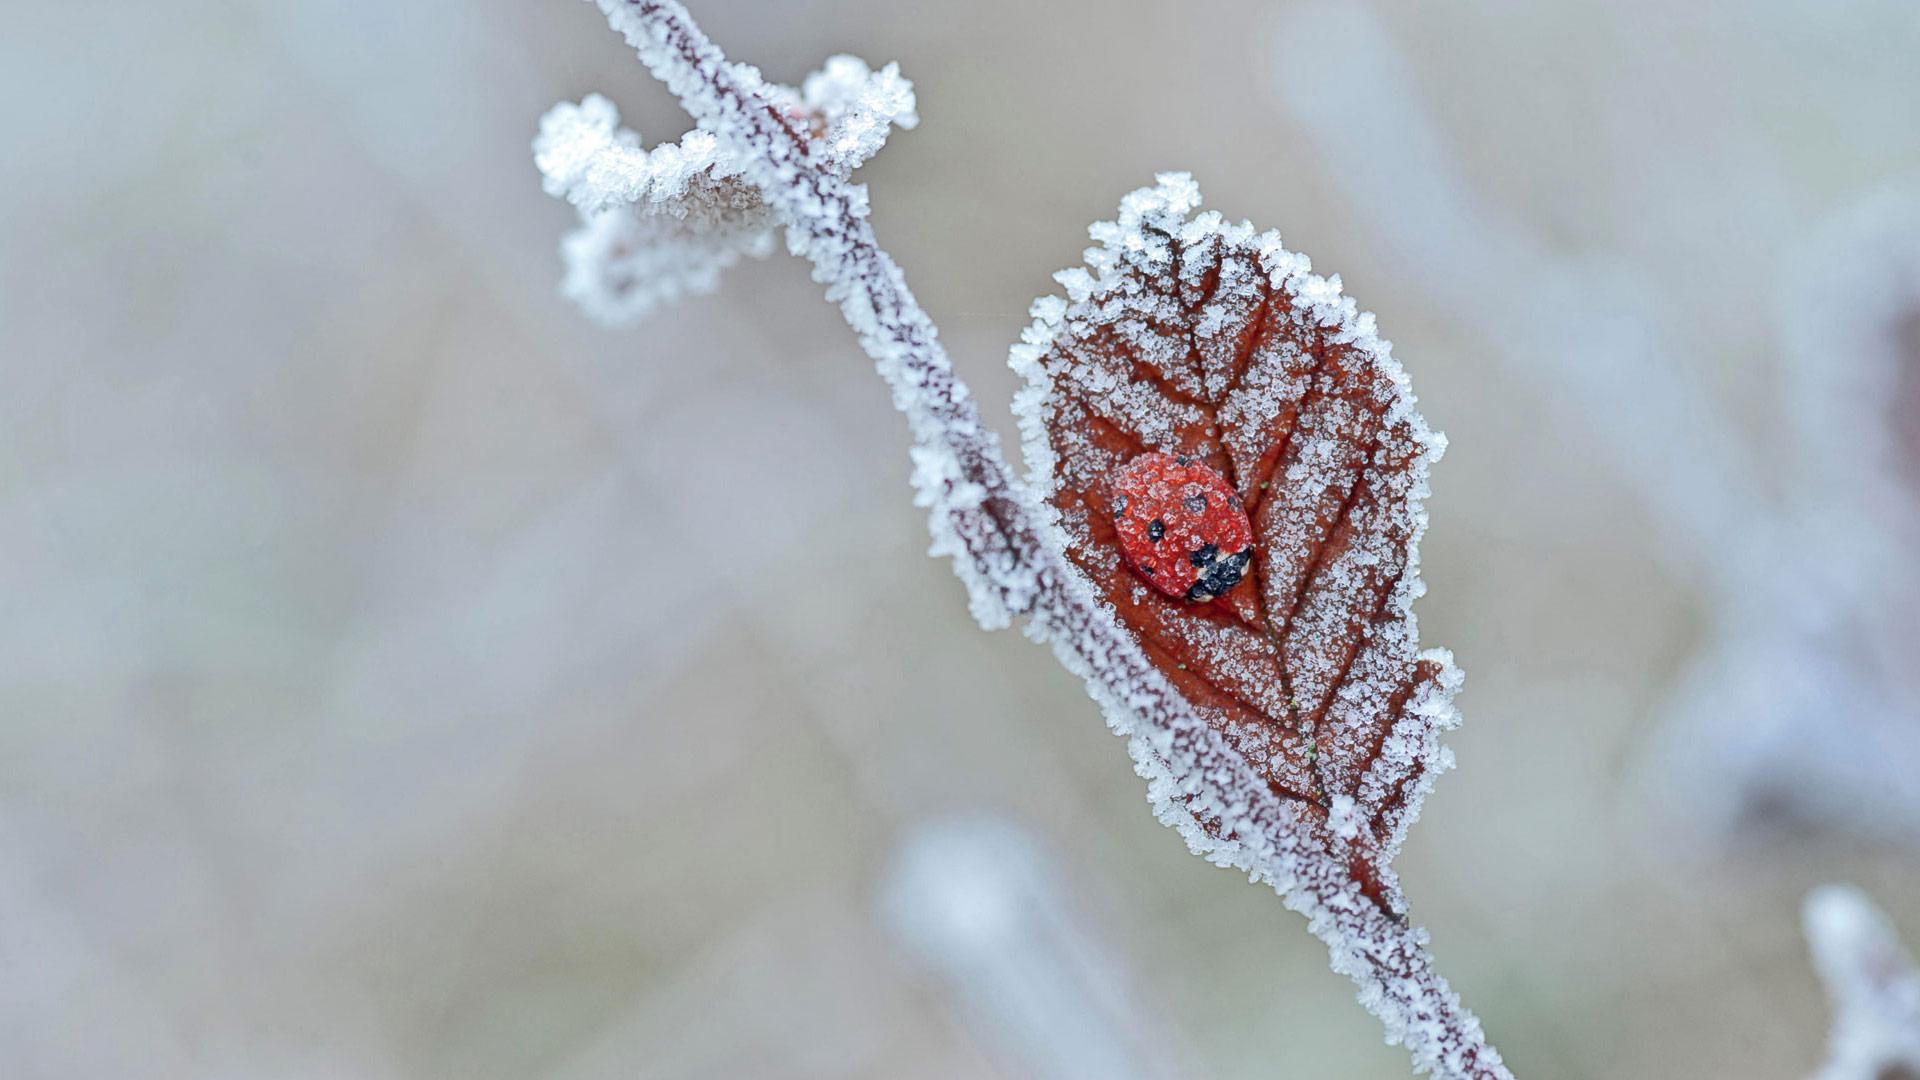 一只冬眠的瓢虫